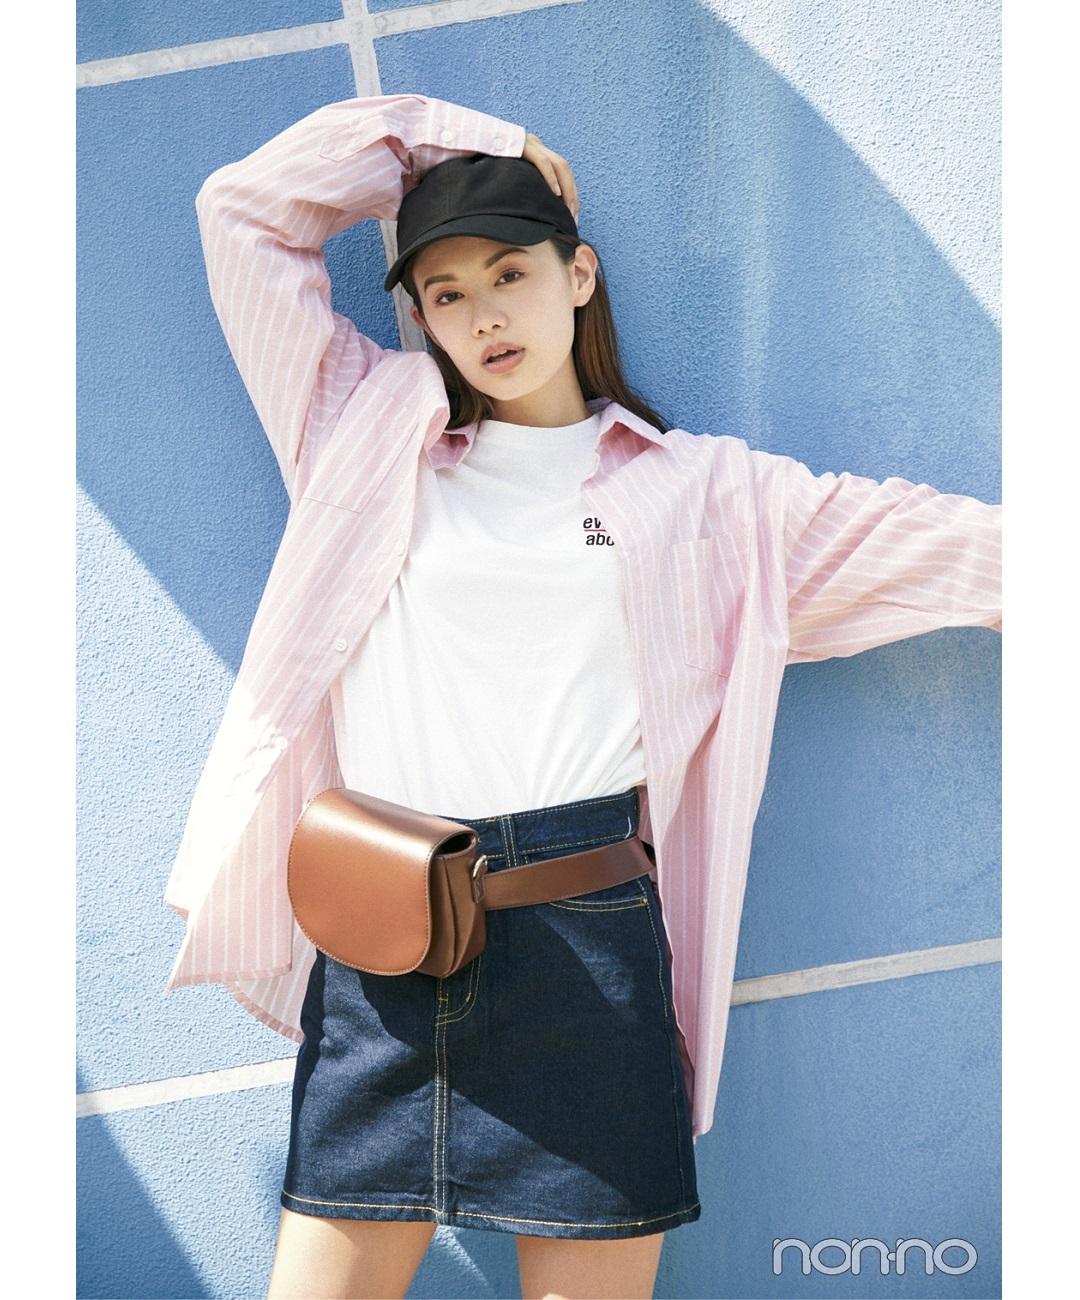 【夏のシャツコーデ】泉はるのビッグシャツ韓国MIXコーデ